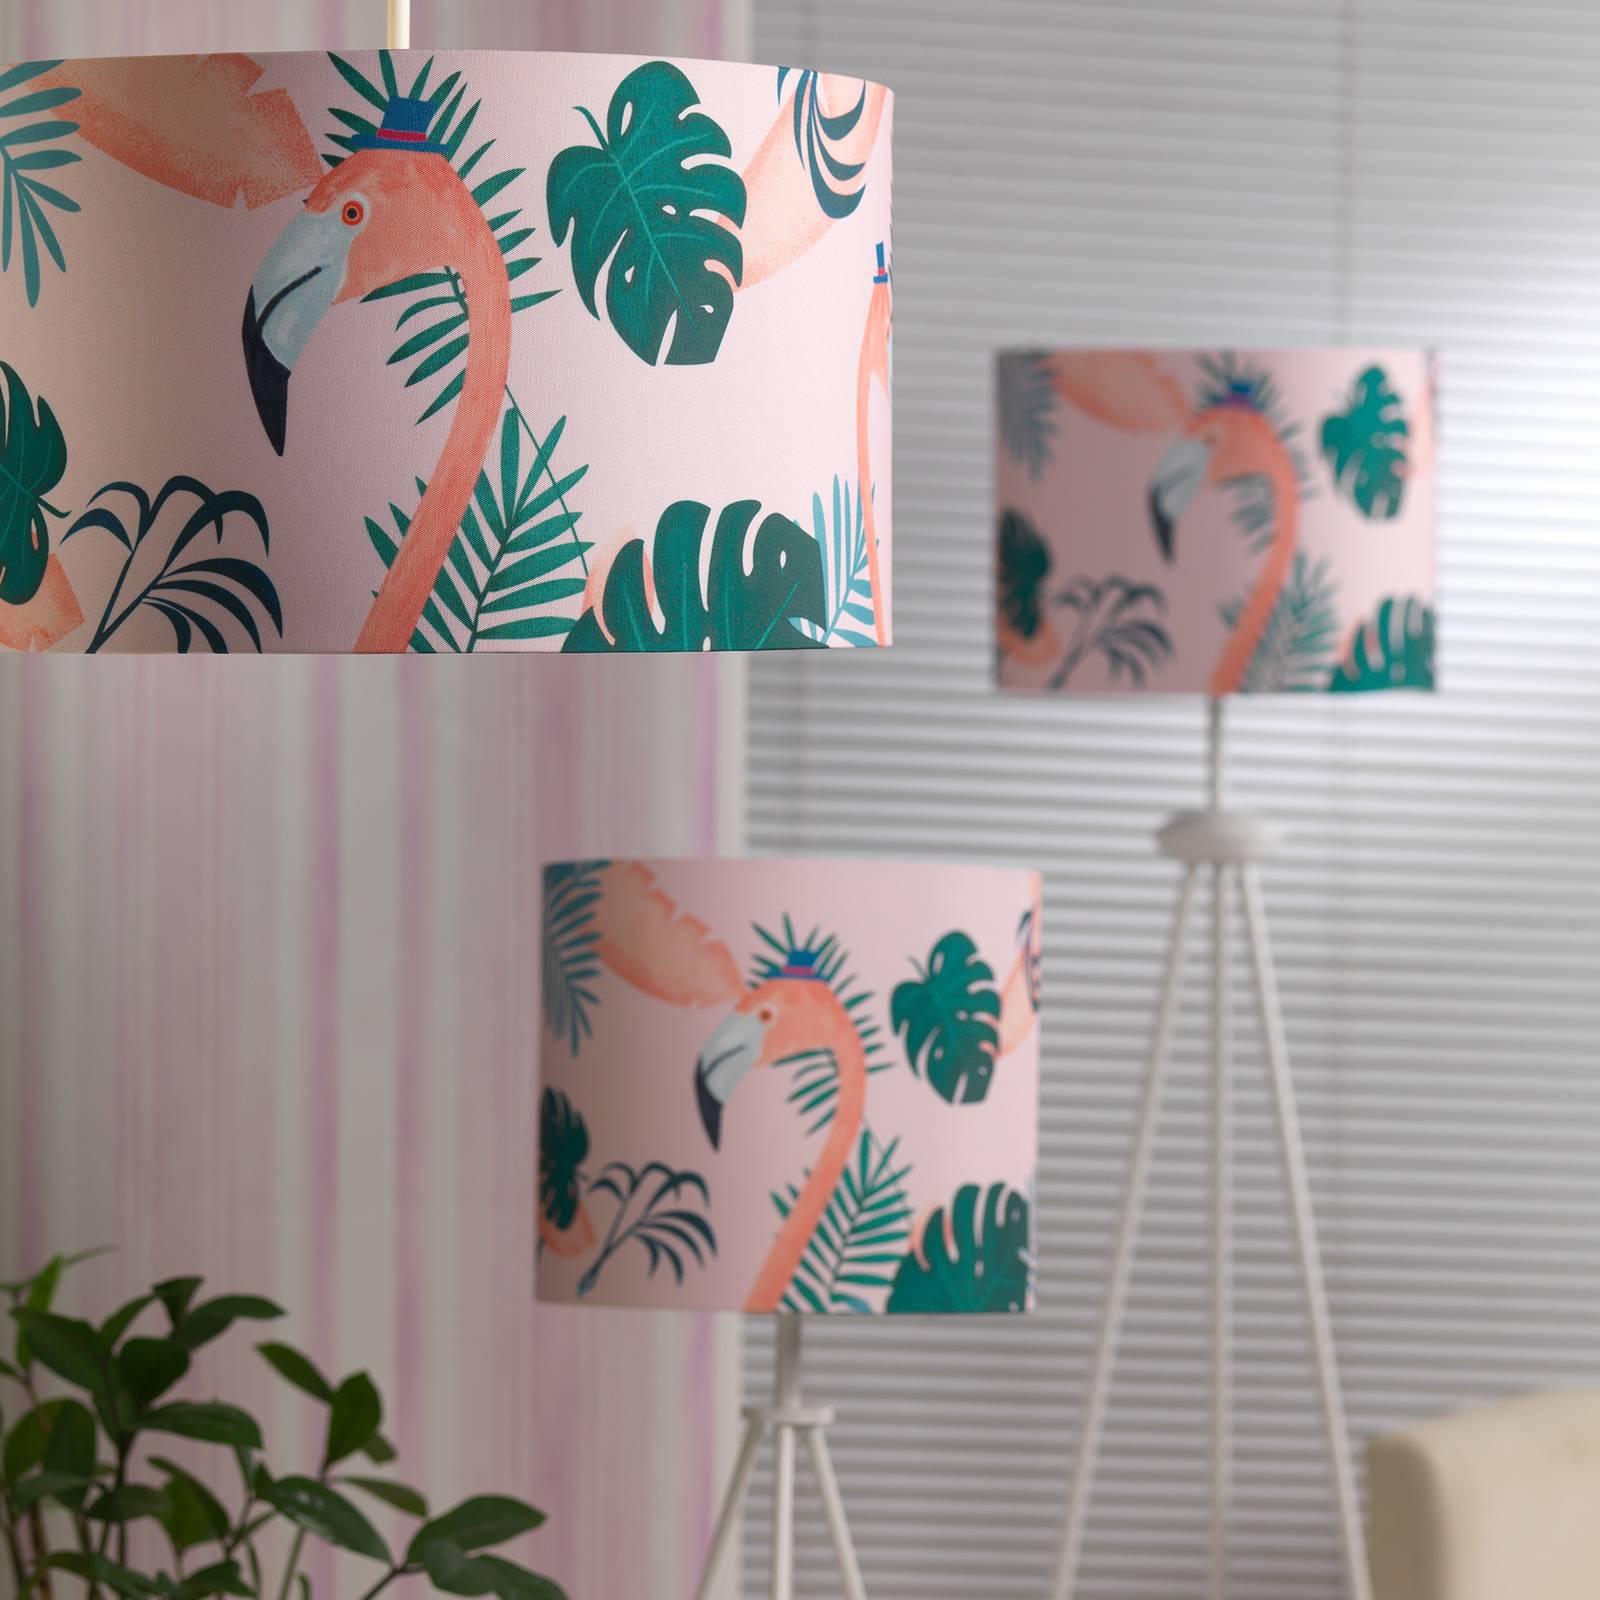 Lattiavalaisin Flamingo, värikäs kangasvarjostin